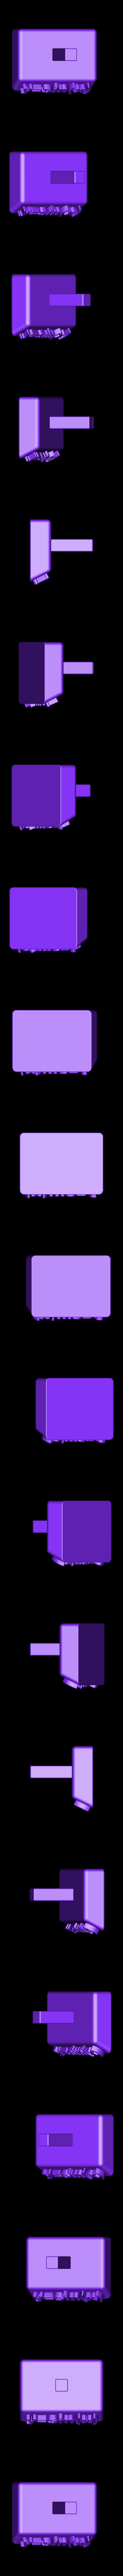 Function_Stickman_ysinx_bottom.stl Télécharger fichier STL gratuit Dancing Function Stickmen • Plan pour impression 3D, Chrisibub